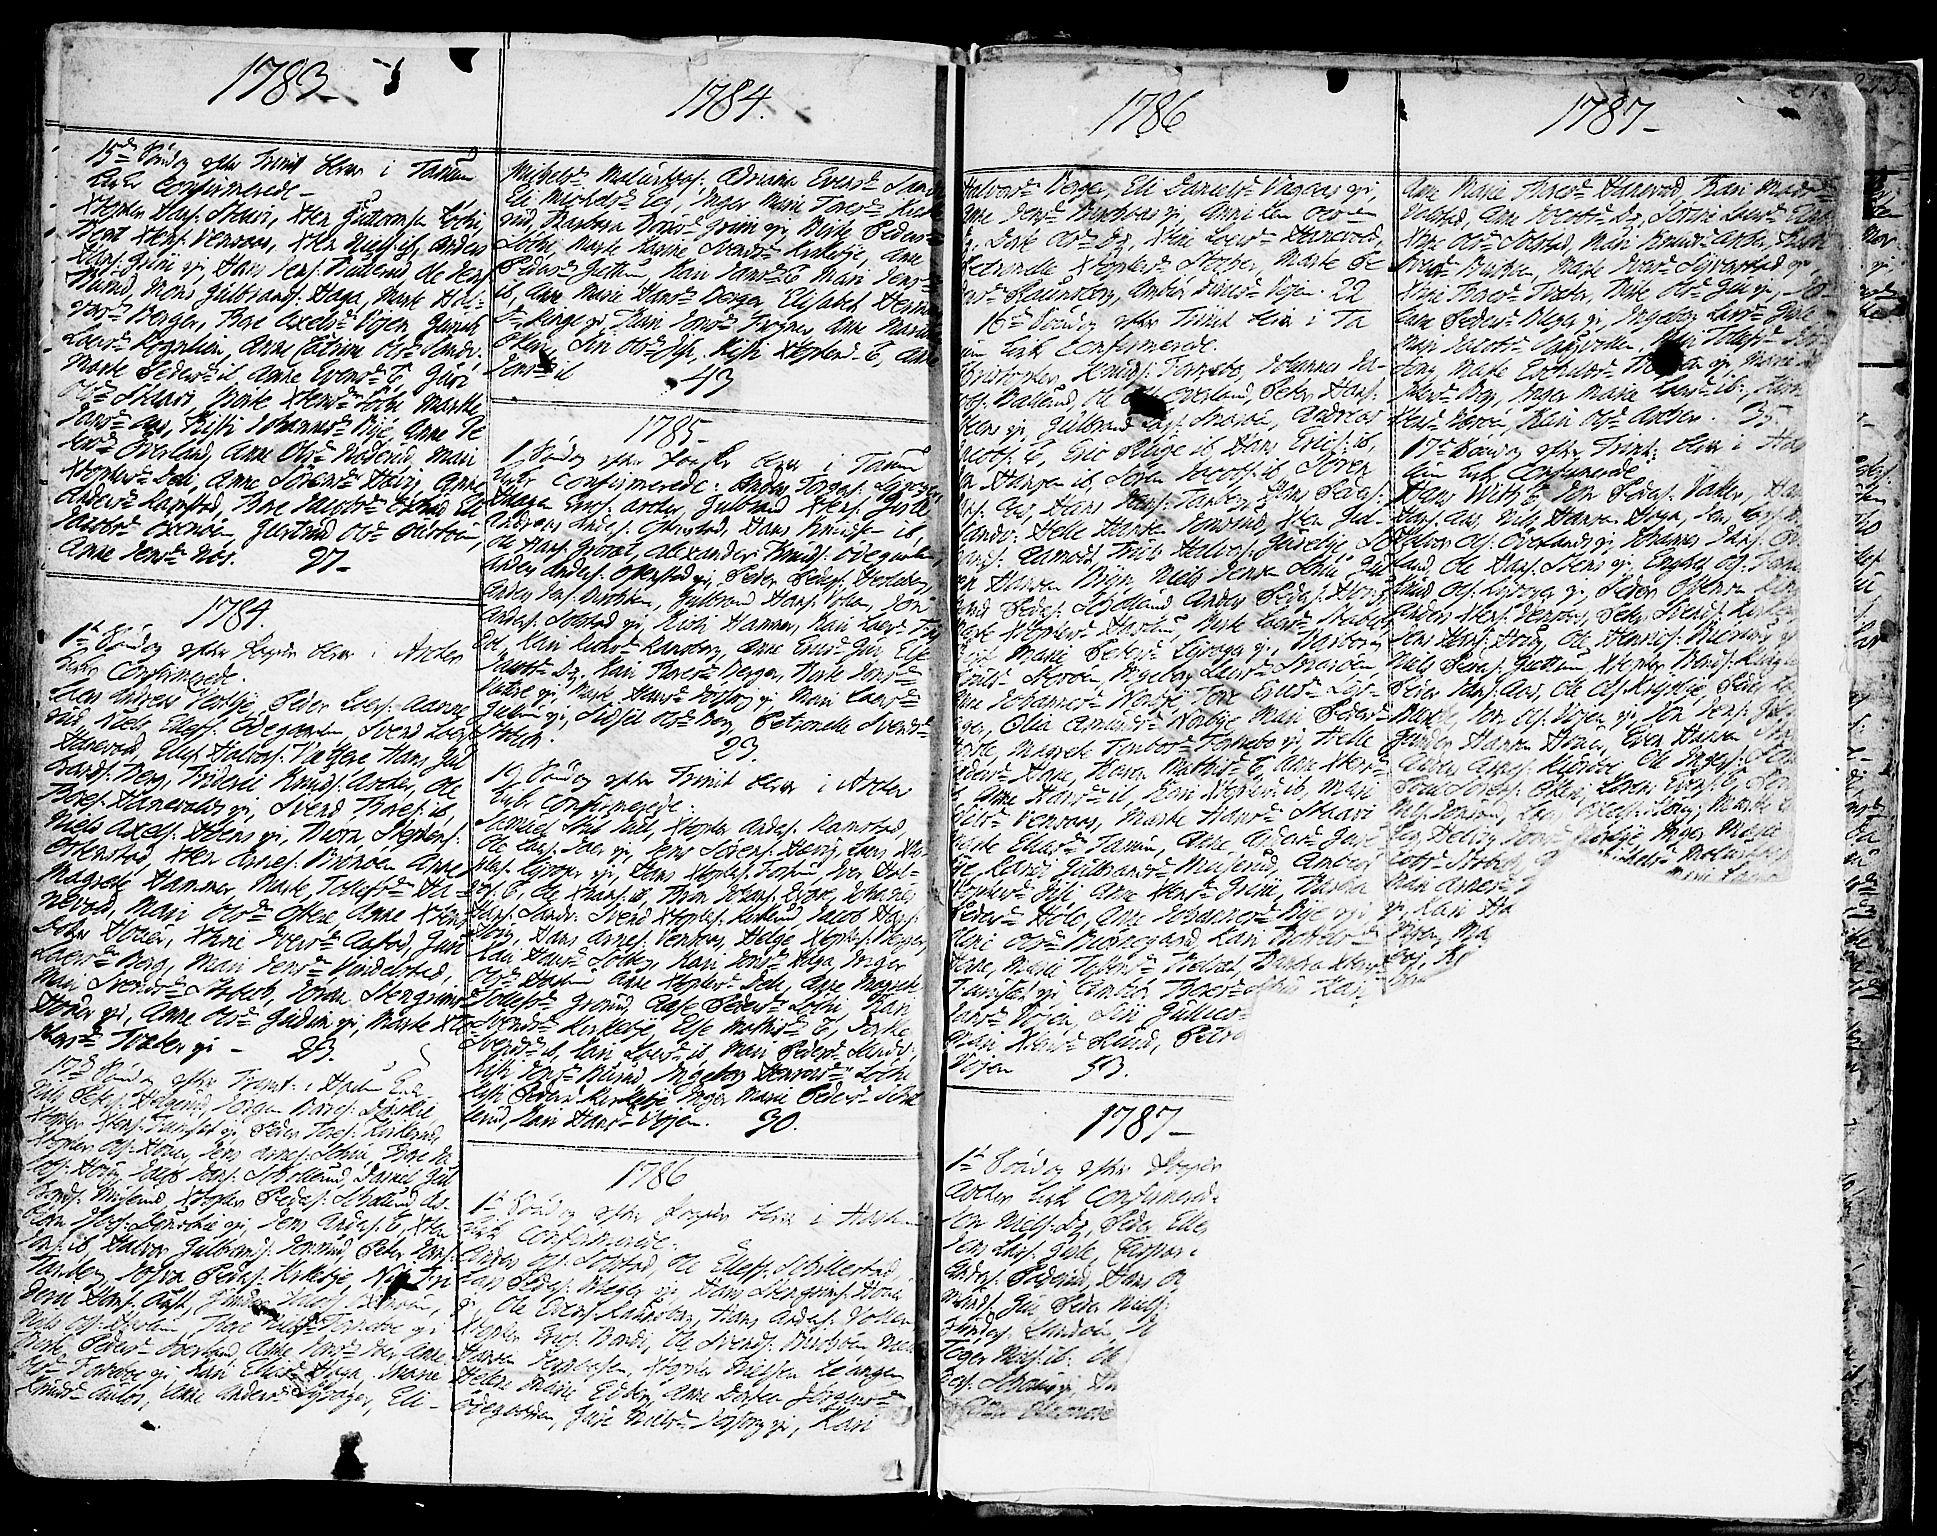 SAO, Asker prestekontor Kirkebøker, F/Fa/L0003: Ministerialbok nr. I 3, 1767-1807, s. 272